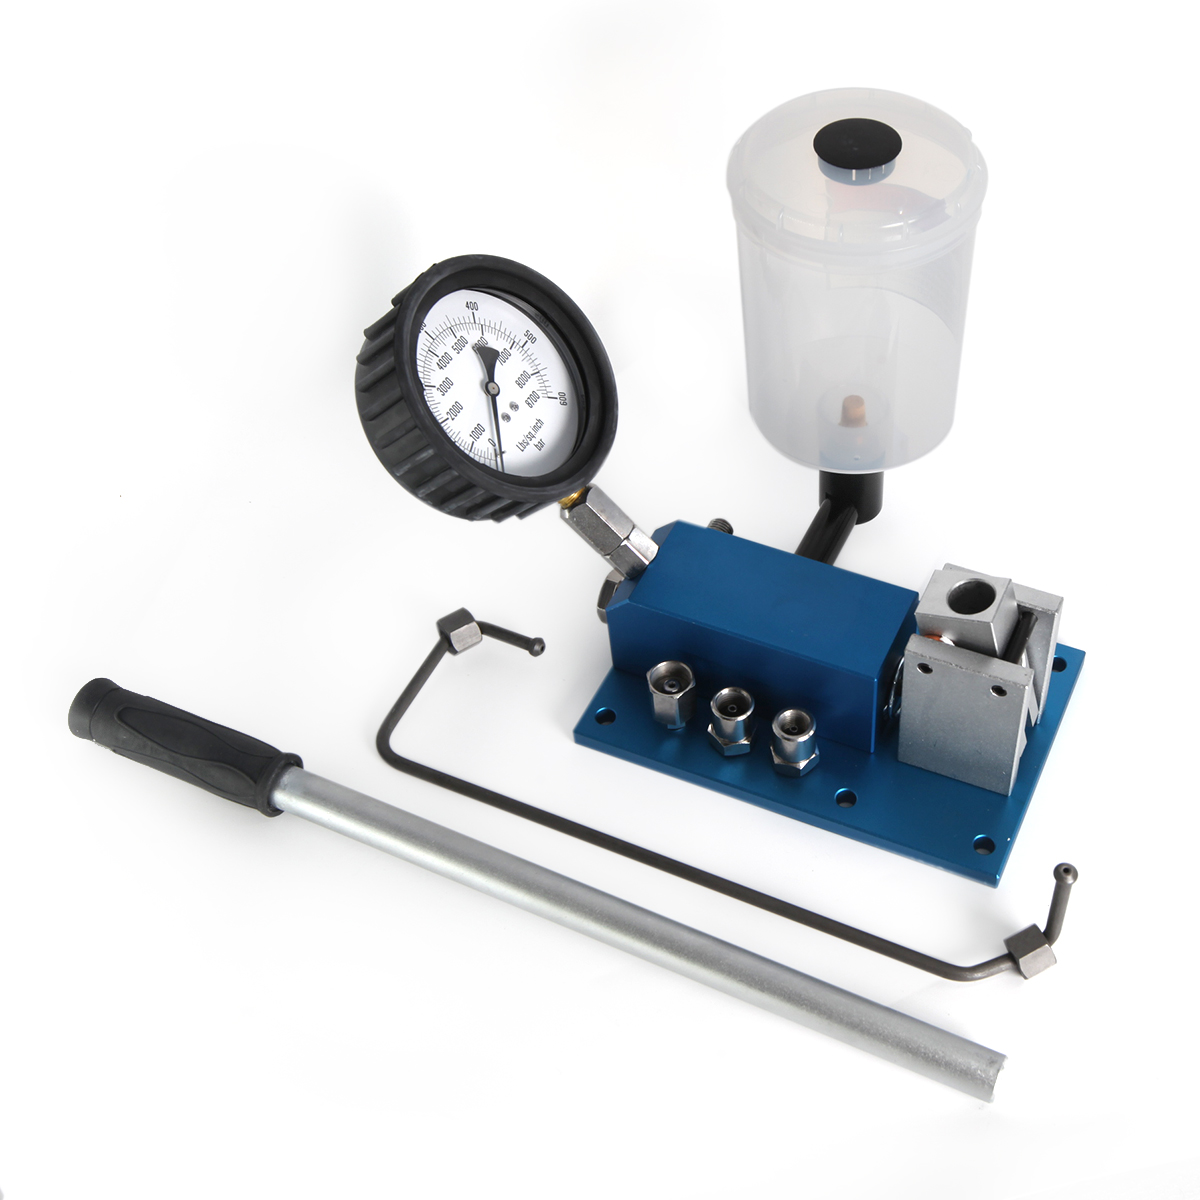 Тестер для проверки дизельных форсунок Car-Tool CT-095A